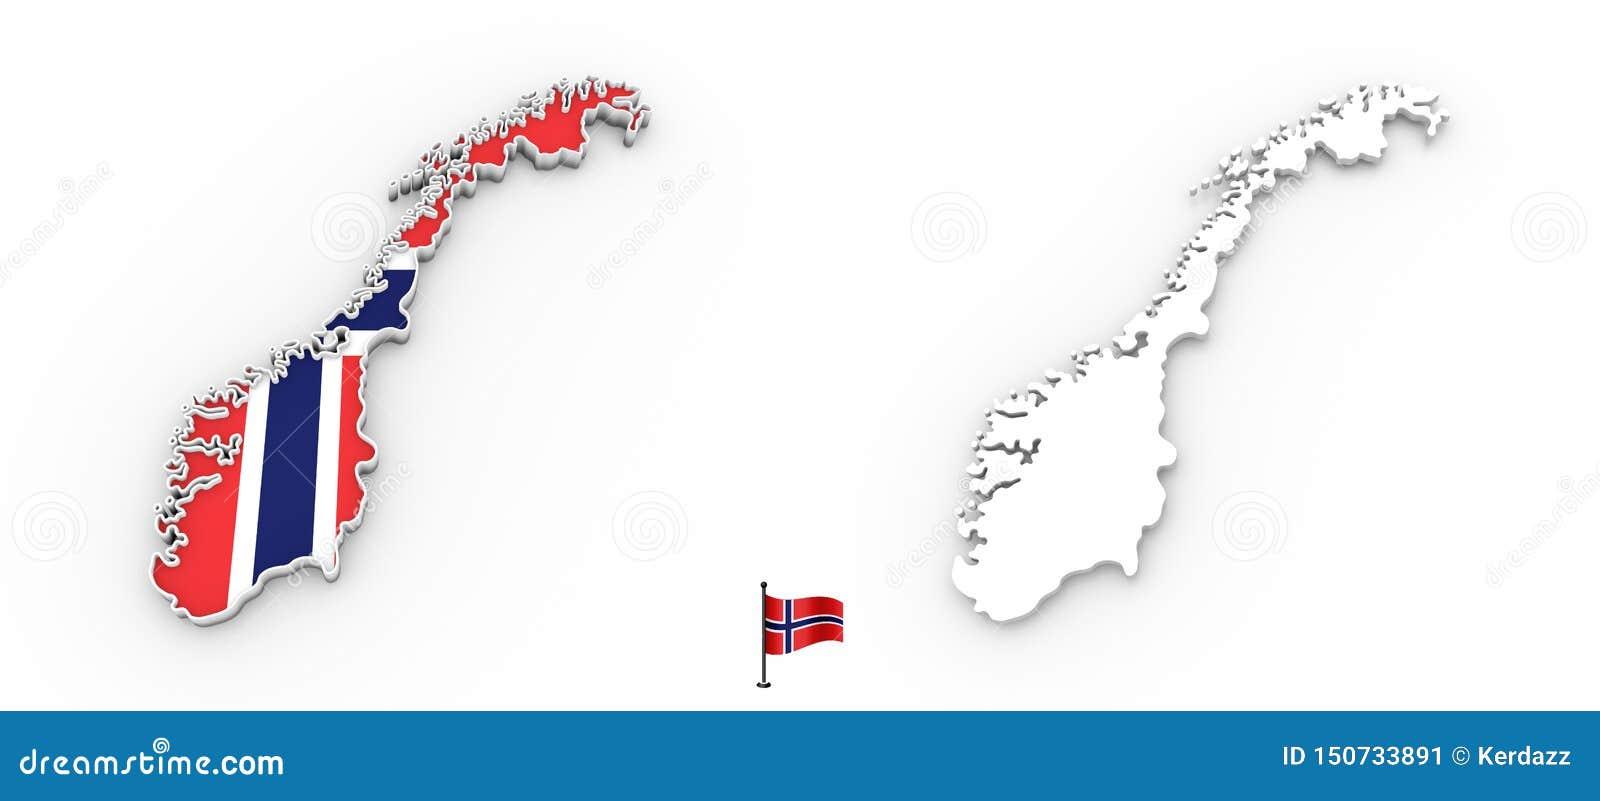 τρισδιάστατος χάρτης της άσπρων σκιαγραφίας και της σημαίας της Νορβηγίας